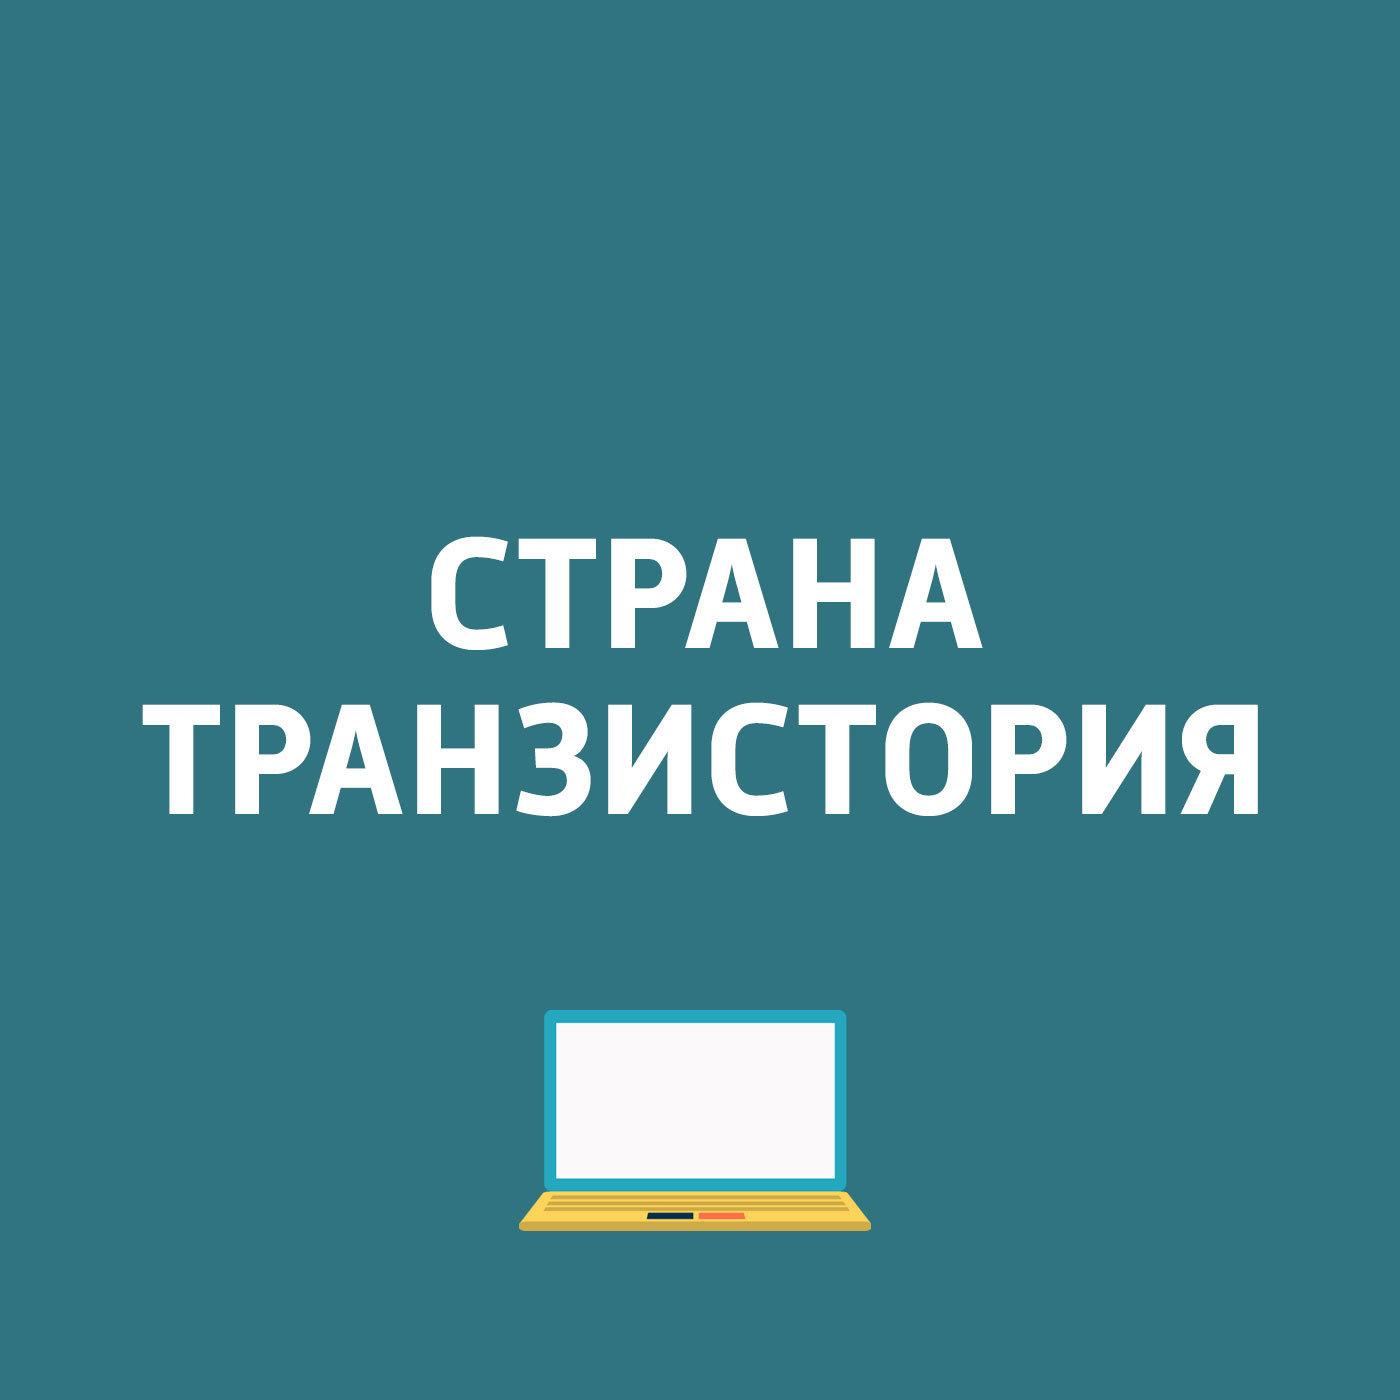 Картаев Павел Aura: сканер документов встроили в настольную лампу